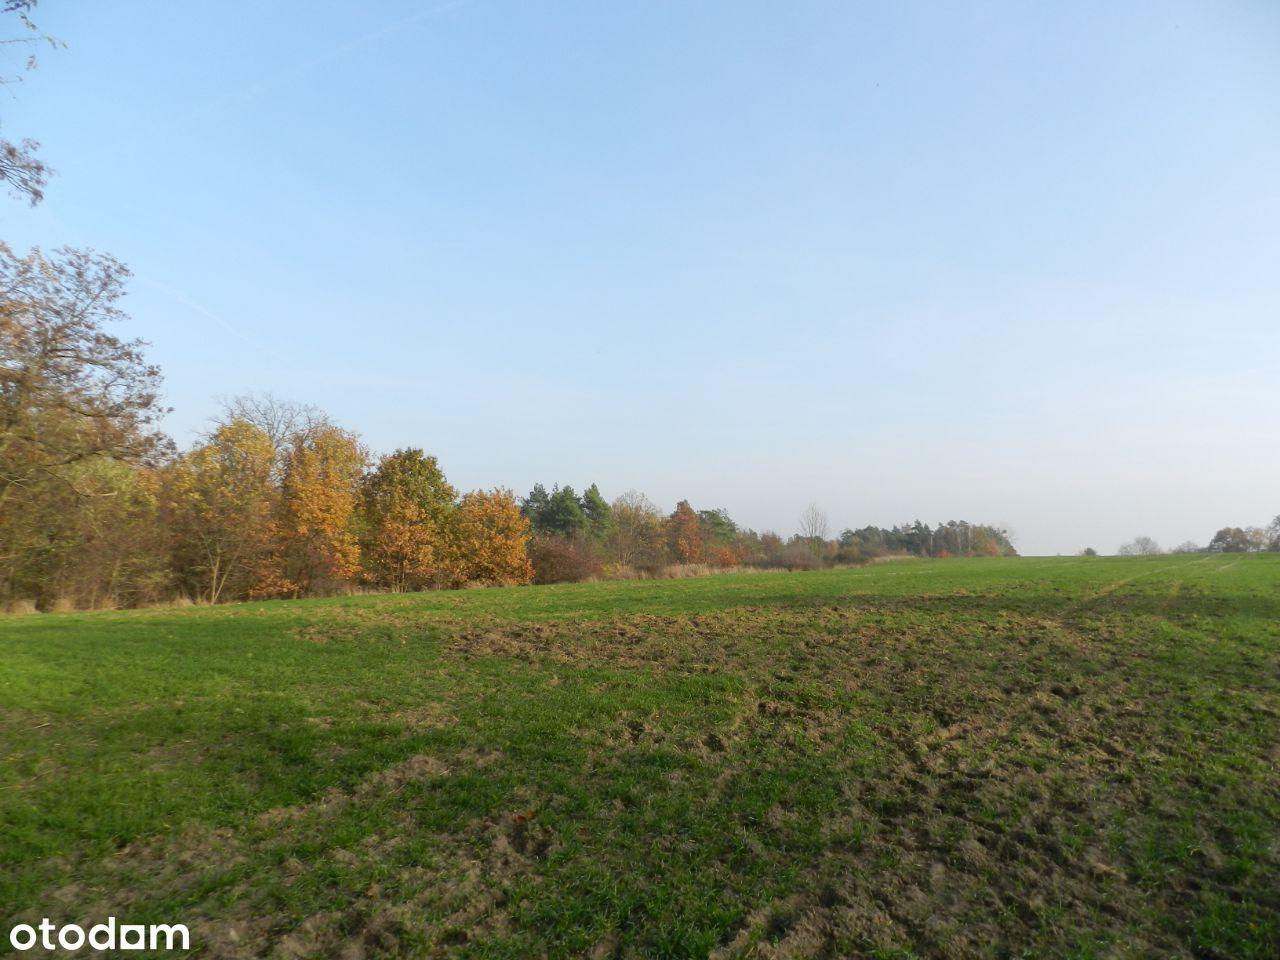 Działka rolna w Wawrowie